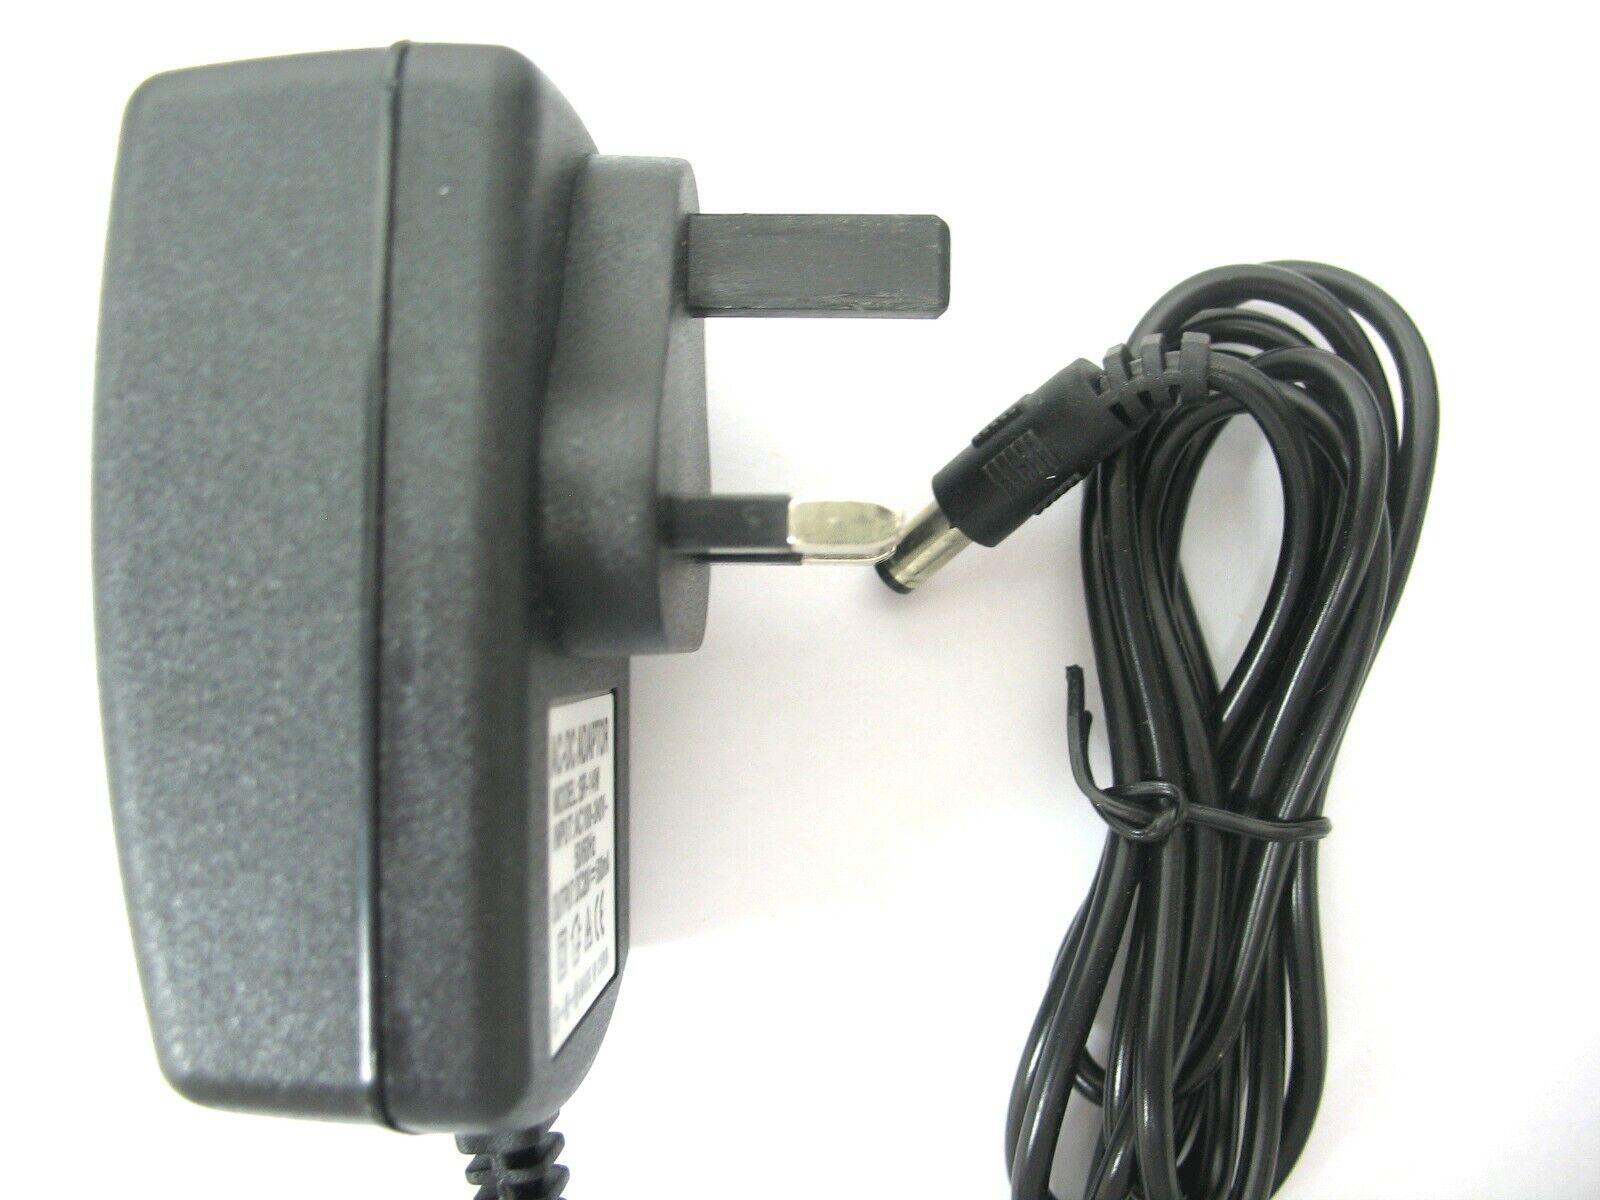 0.5 amp 23 volt AC-DC Mains Regulated Power Adaptor/Supply/Charger (11.5 watt)